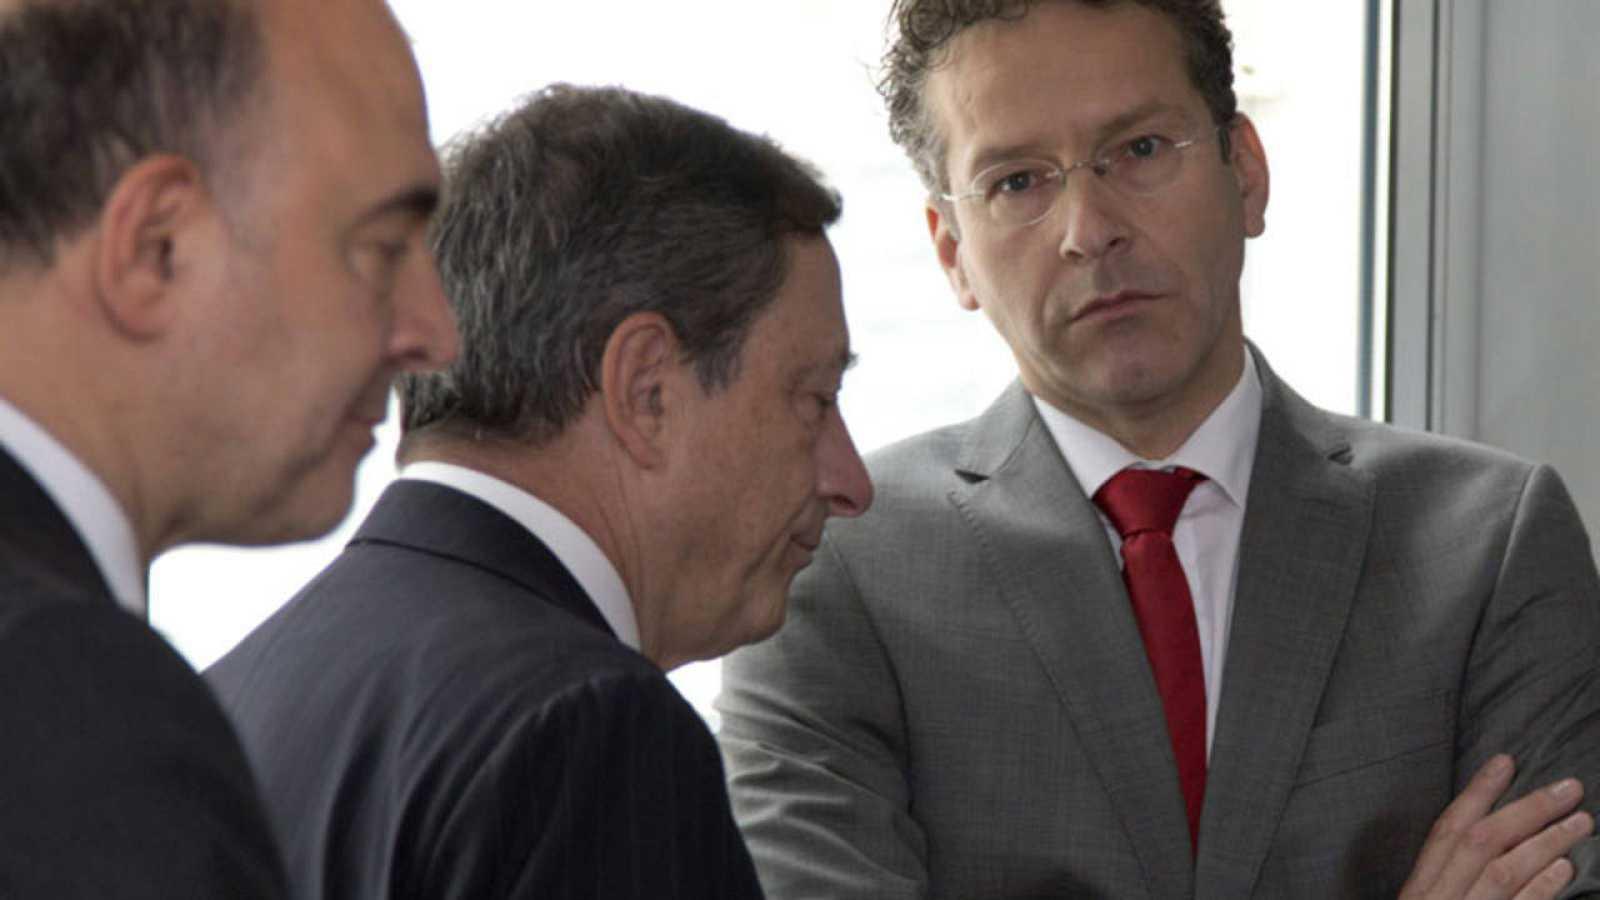 El presidente del Banco Central Europeo, Mario Draghi, conversa con el presidente del Eurogrupo, Jeroen Dijsselbloem, antes del comienzo de una reunión sobre Grecia.